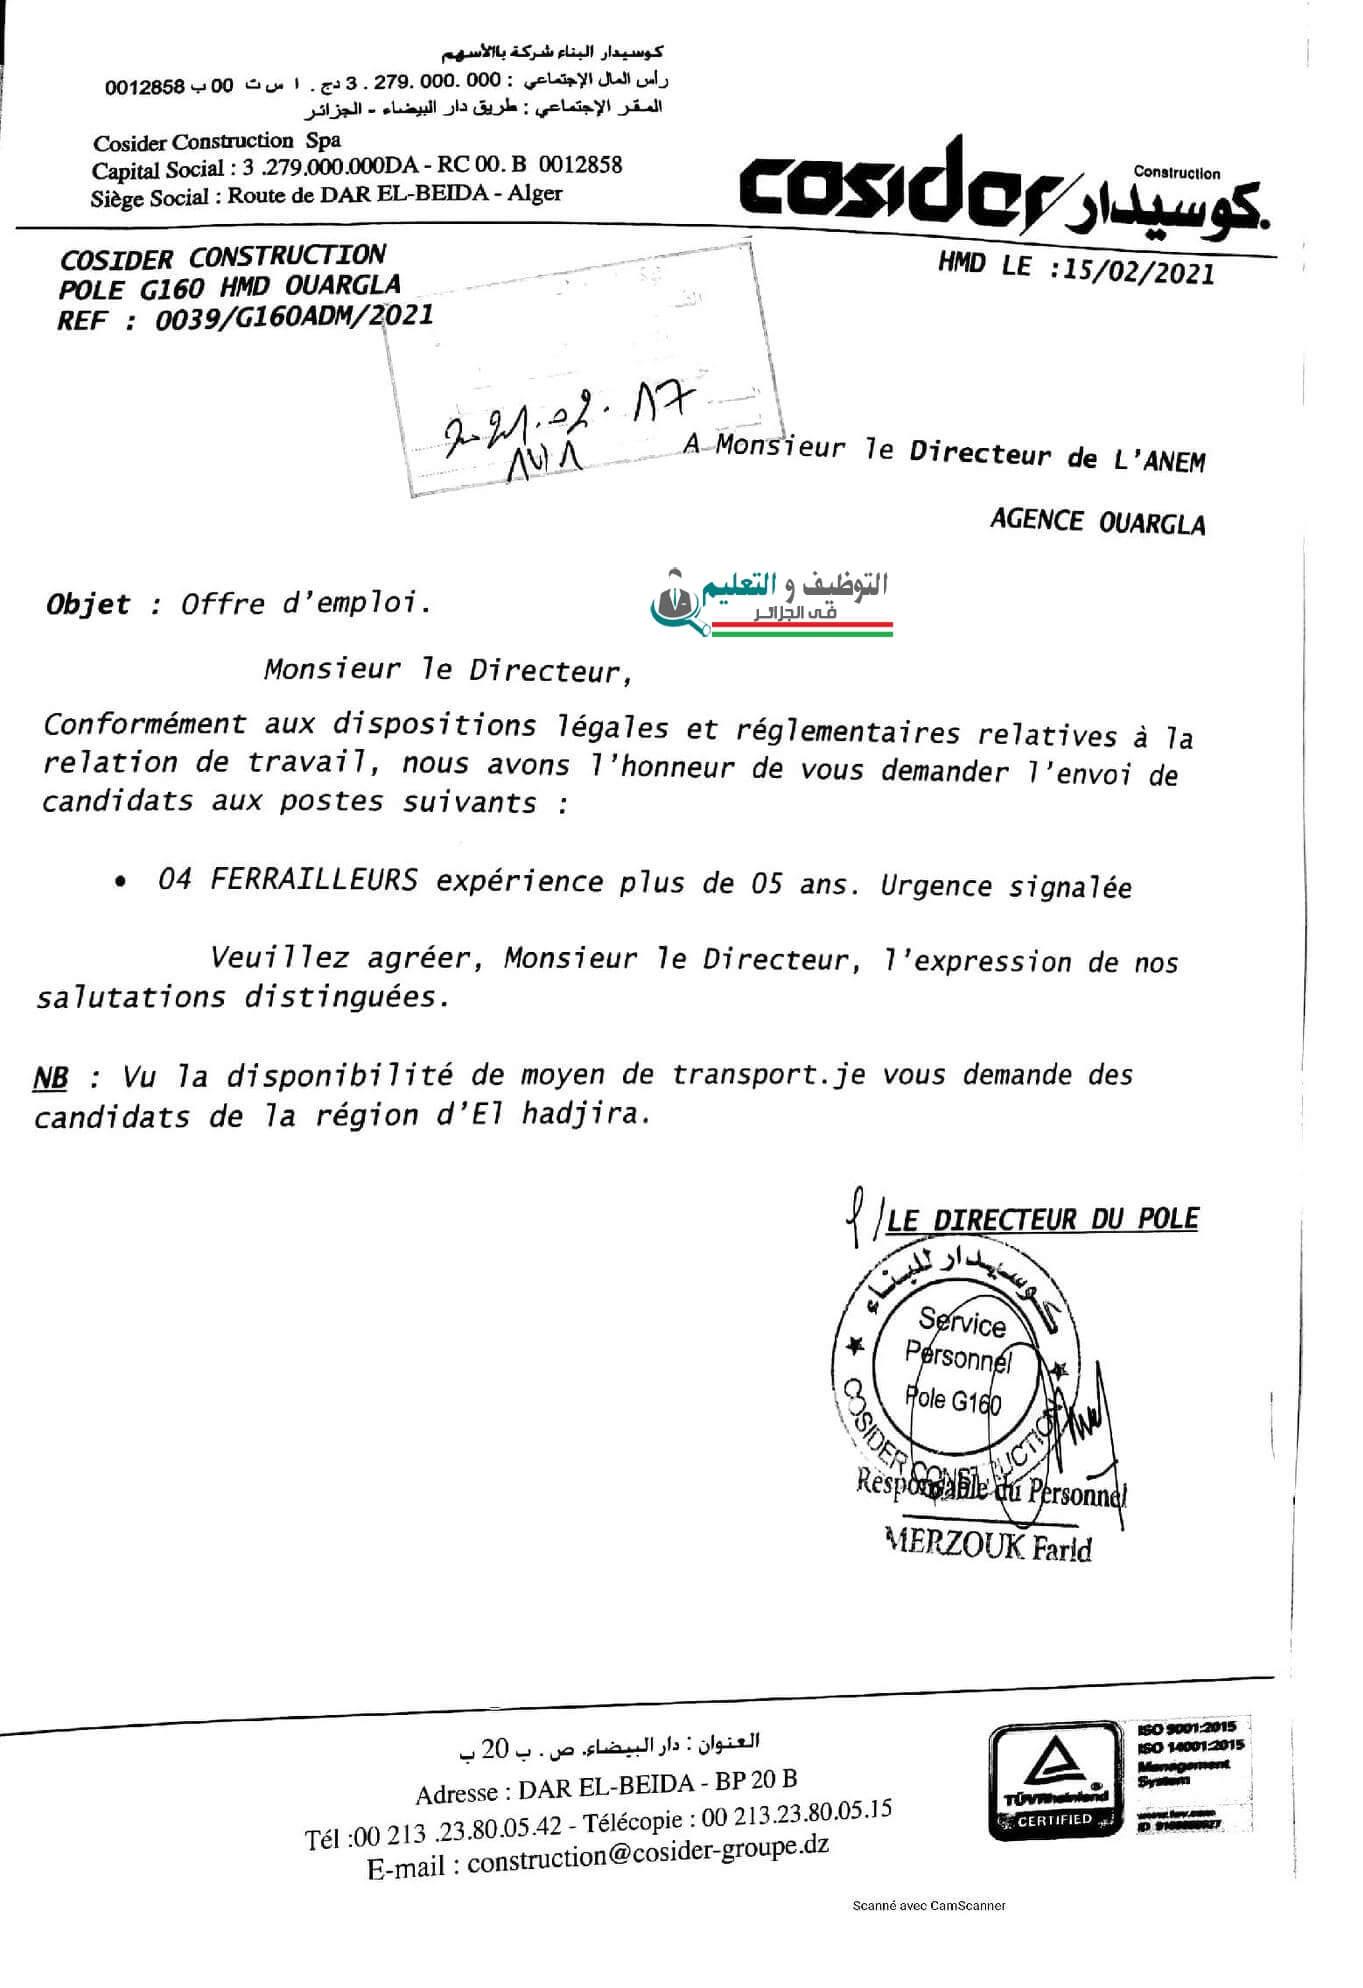 اعلان توظيف بشركة كوسيدار 22 فيفري 2021